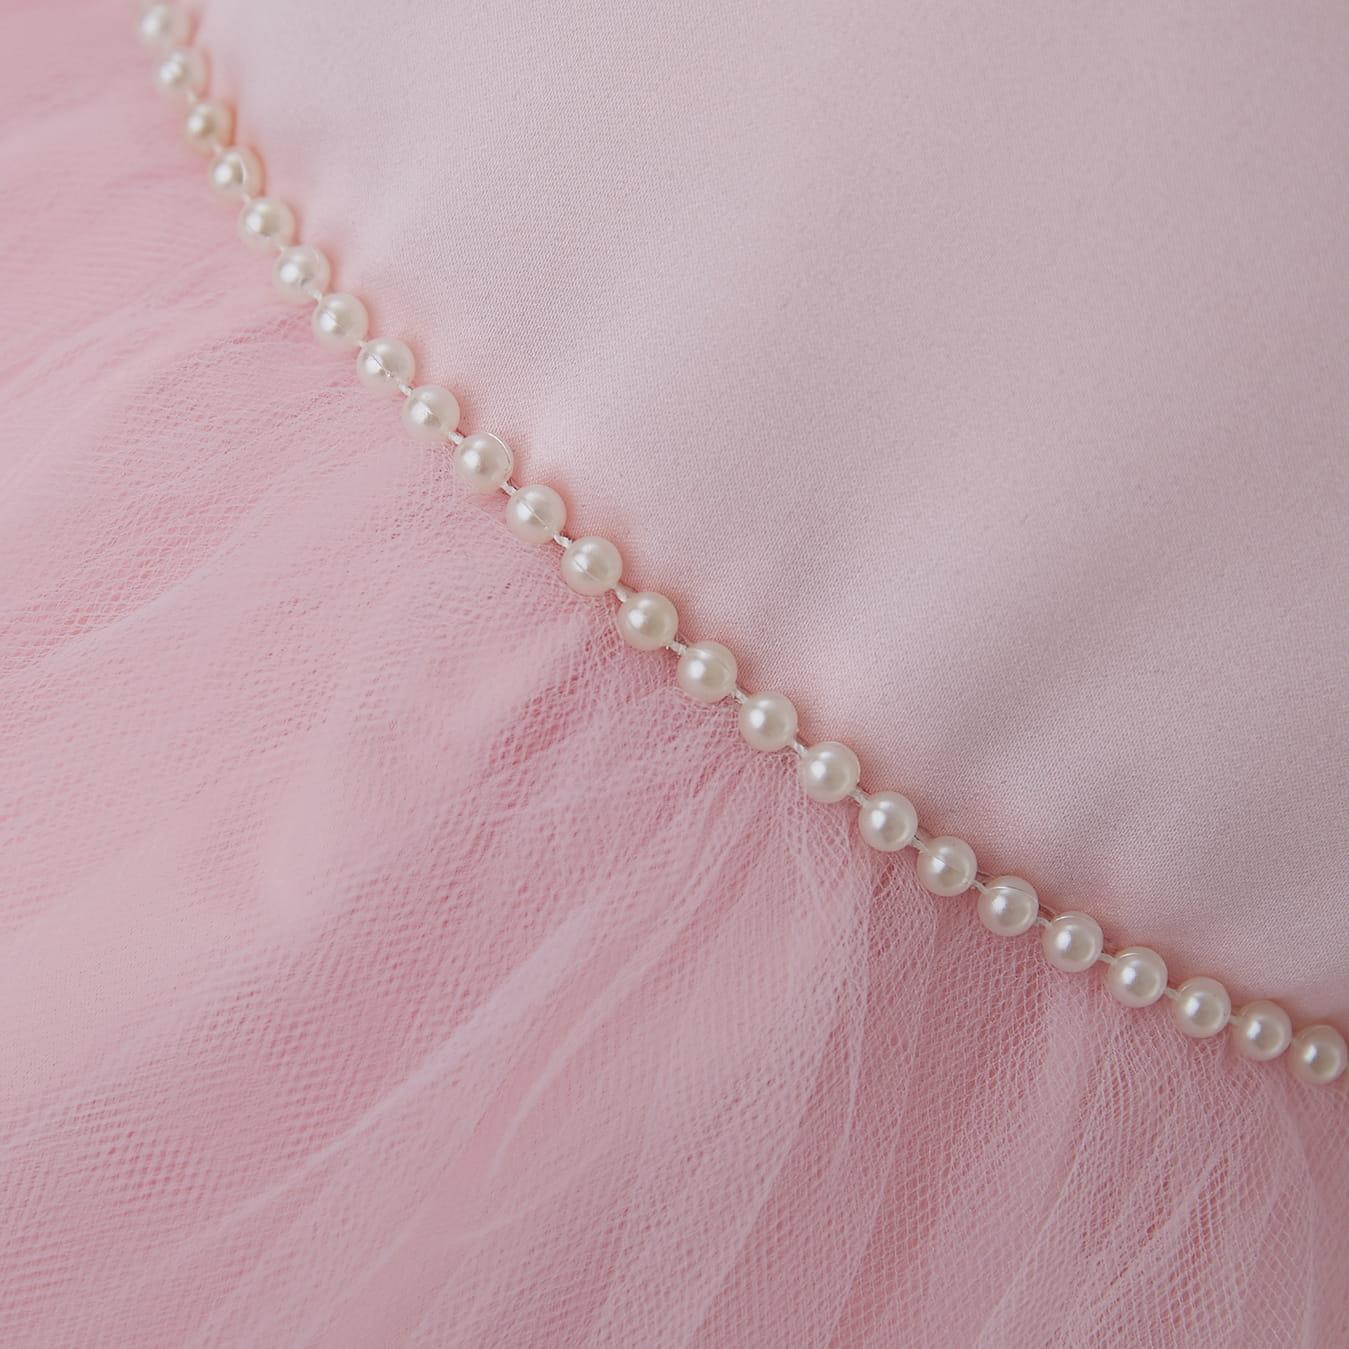 082b2f50dc ELSA sukienka wizytowa dla dziewczynki. 02a sukienka elisabeth.jpg.  02a sukienka elisabeth.jpg  02b sukienka elisabeth.jpg  02c sukienka  elisabeth.jpg